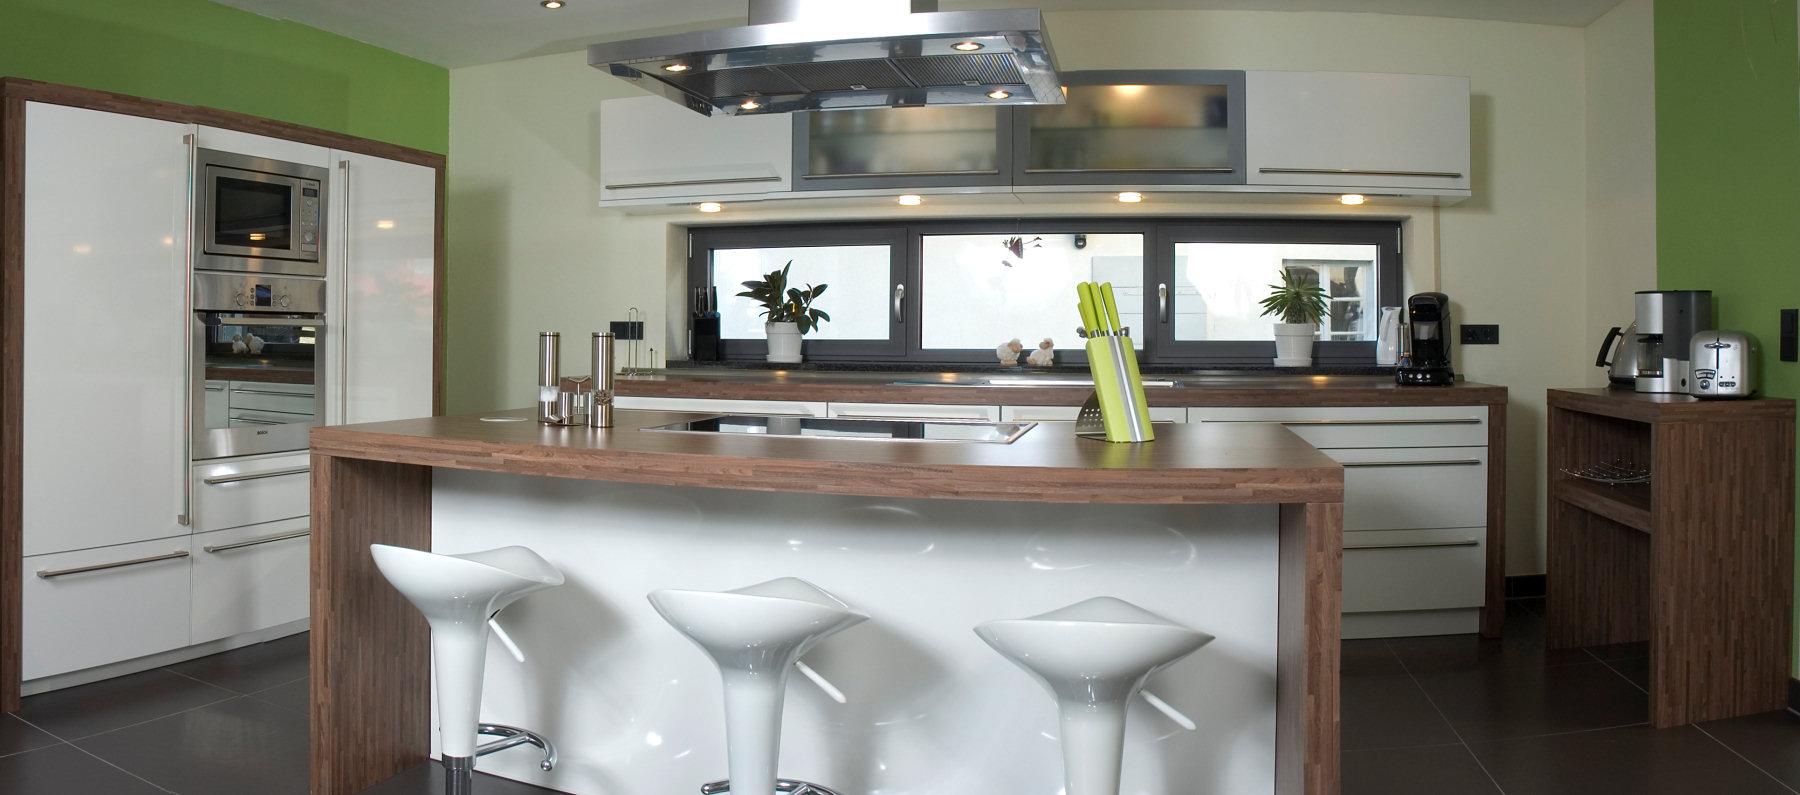 Full Size of Kitchen Studio Modulkche Kche Holz Ikea Küchen Regal Wohnzimmer Cocoon Küchen